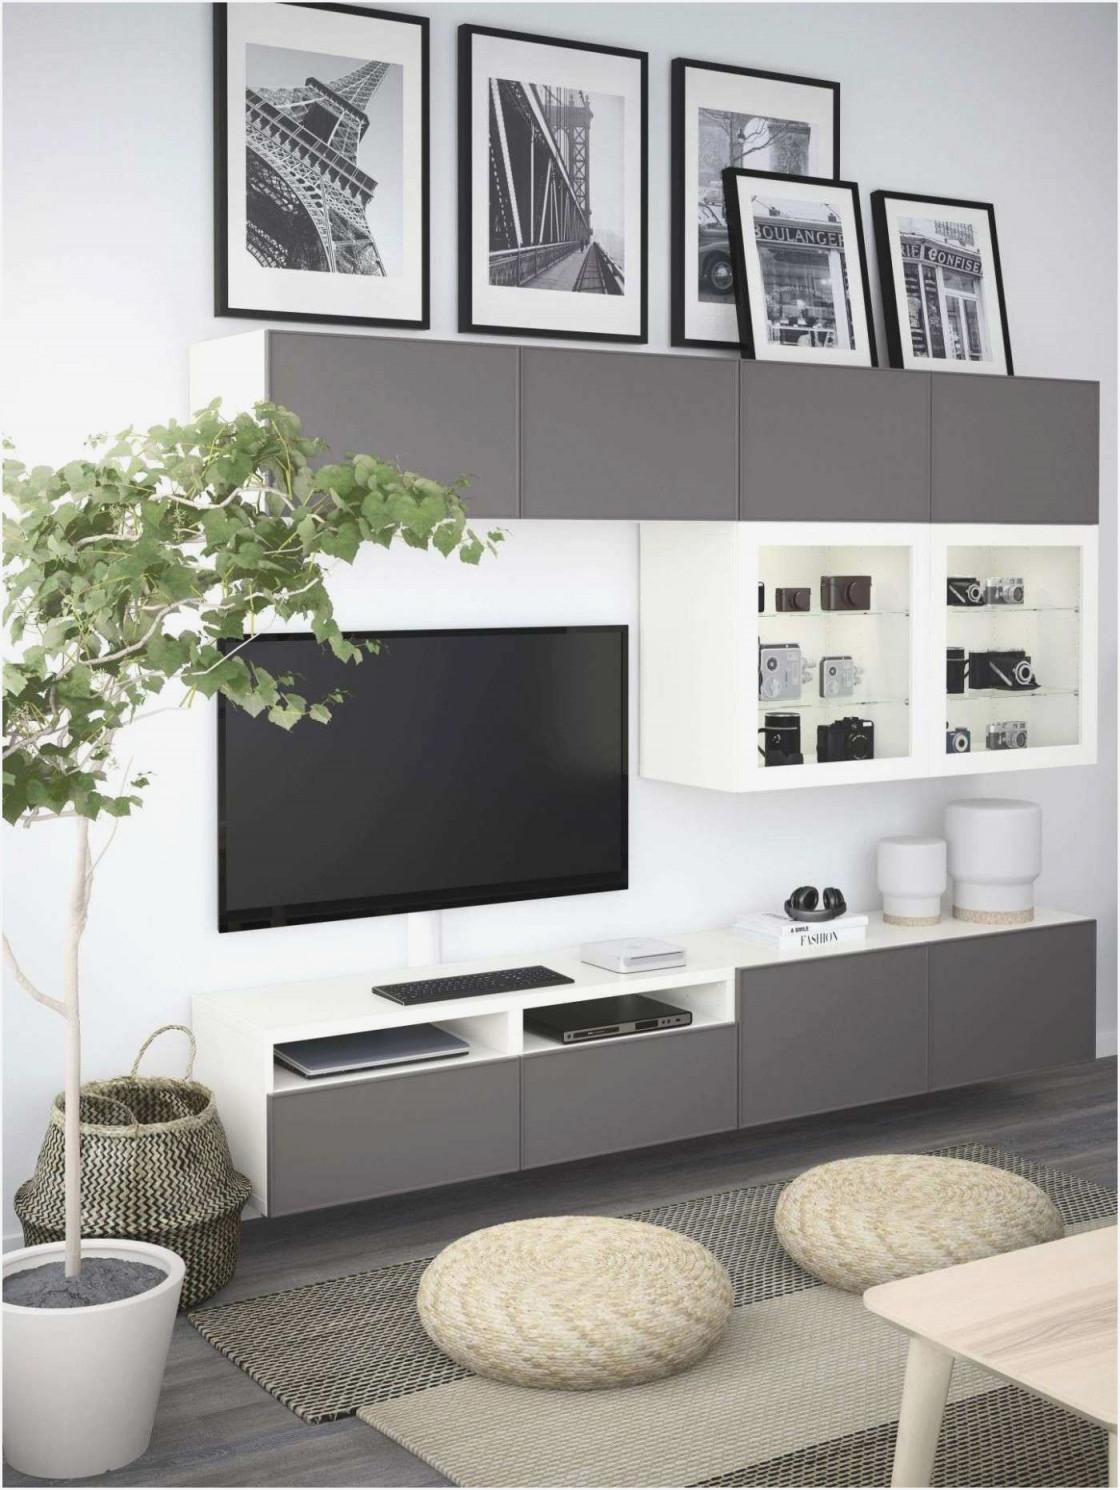 Wohnzimmer Modern Deko Ideen  Wohnzimmer  Traumhaus von Moderne Deko Für Wohnzimmer Photo